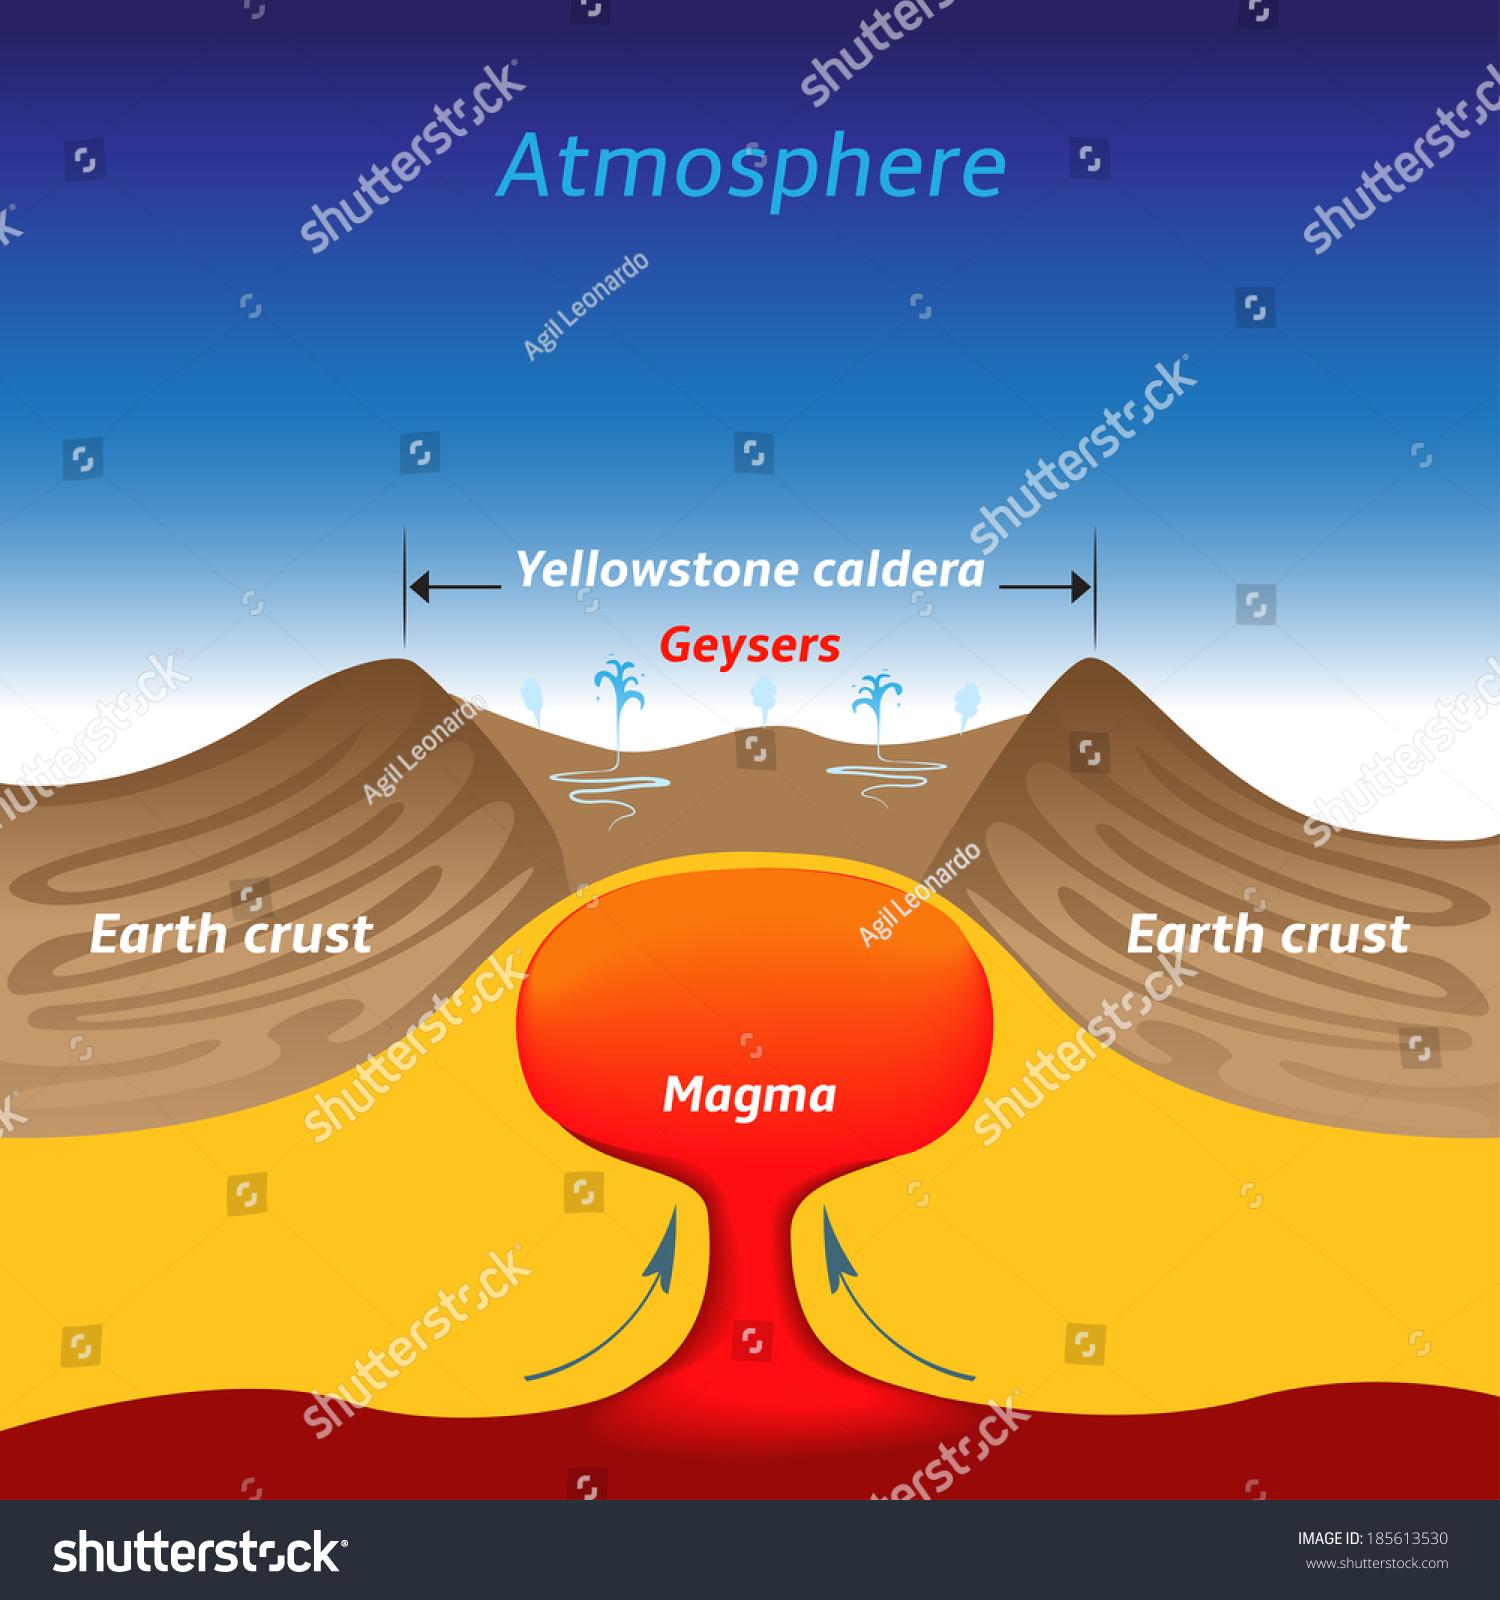 Yellowstone Caldera Vector Illustration Vector de stock185613530 ...